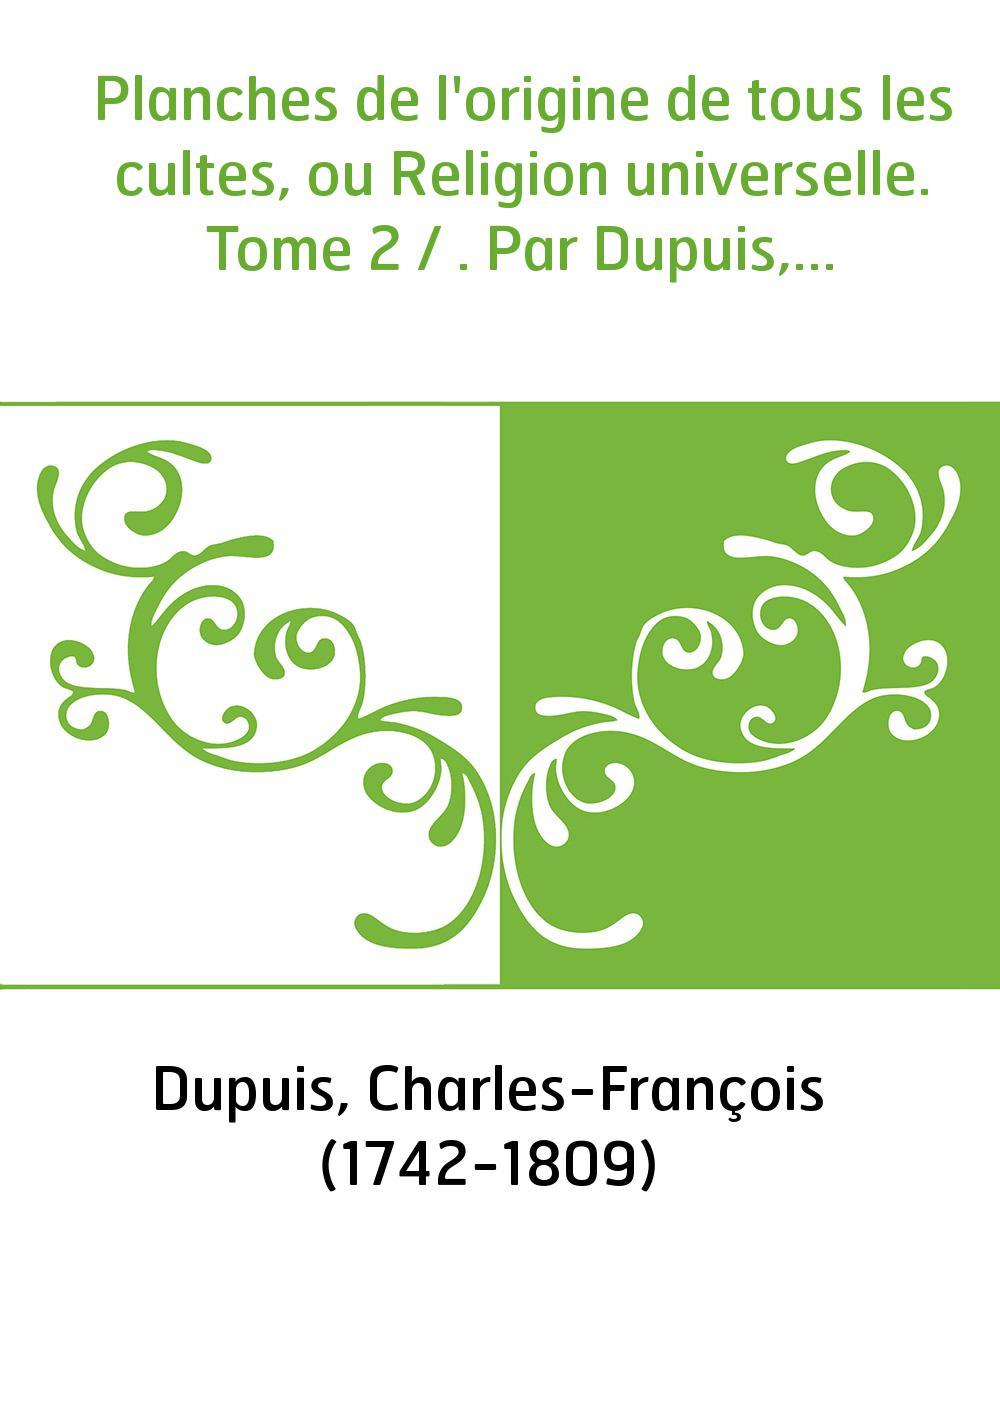 Planches de l'origine de tous les cultes, ou Religion universelle. Tome 2 / . Par Dupuis,...